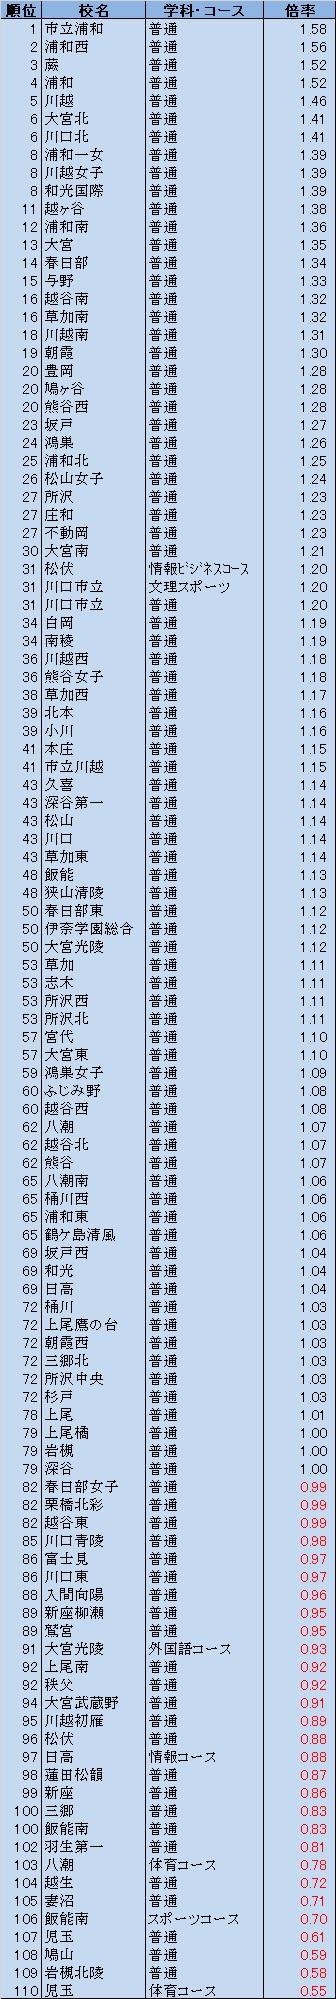 倍率 埼玉 県立 最新 高校 2020 【2月16日更新!】令和3年度埼玉県公立高校入試倍率速報!